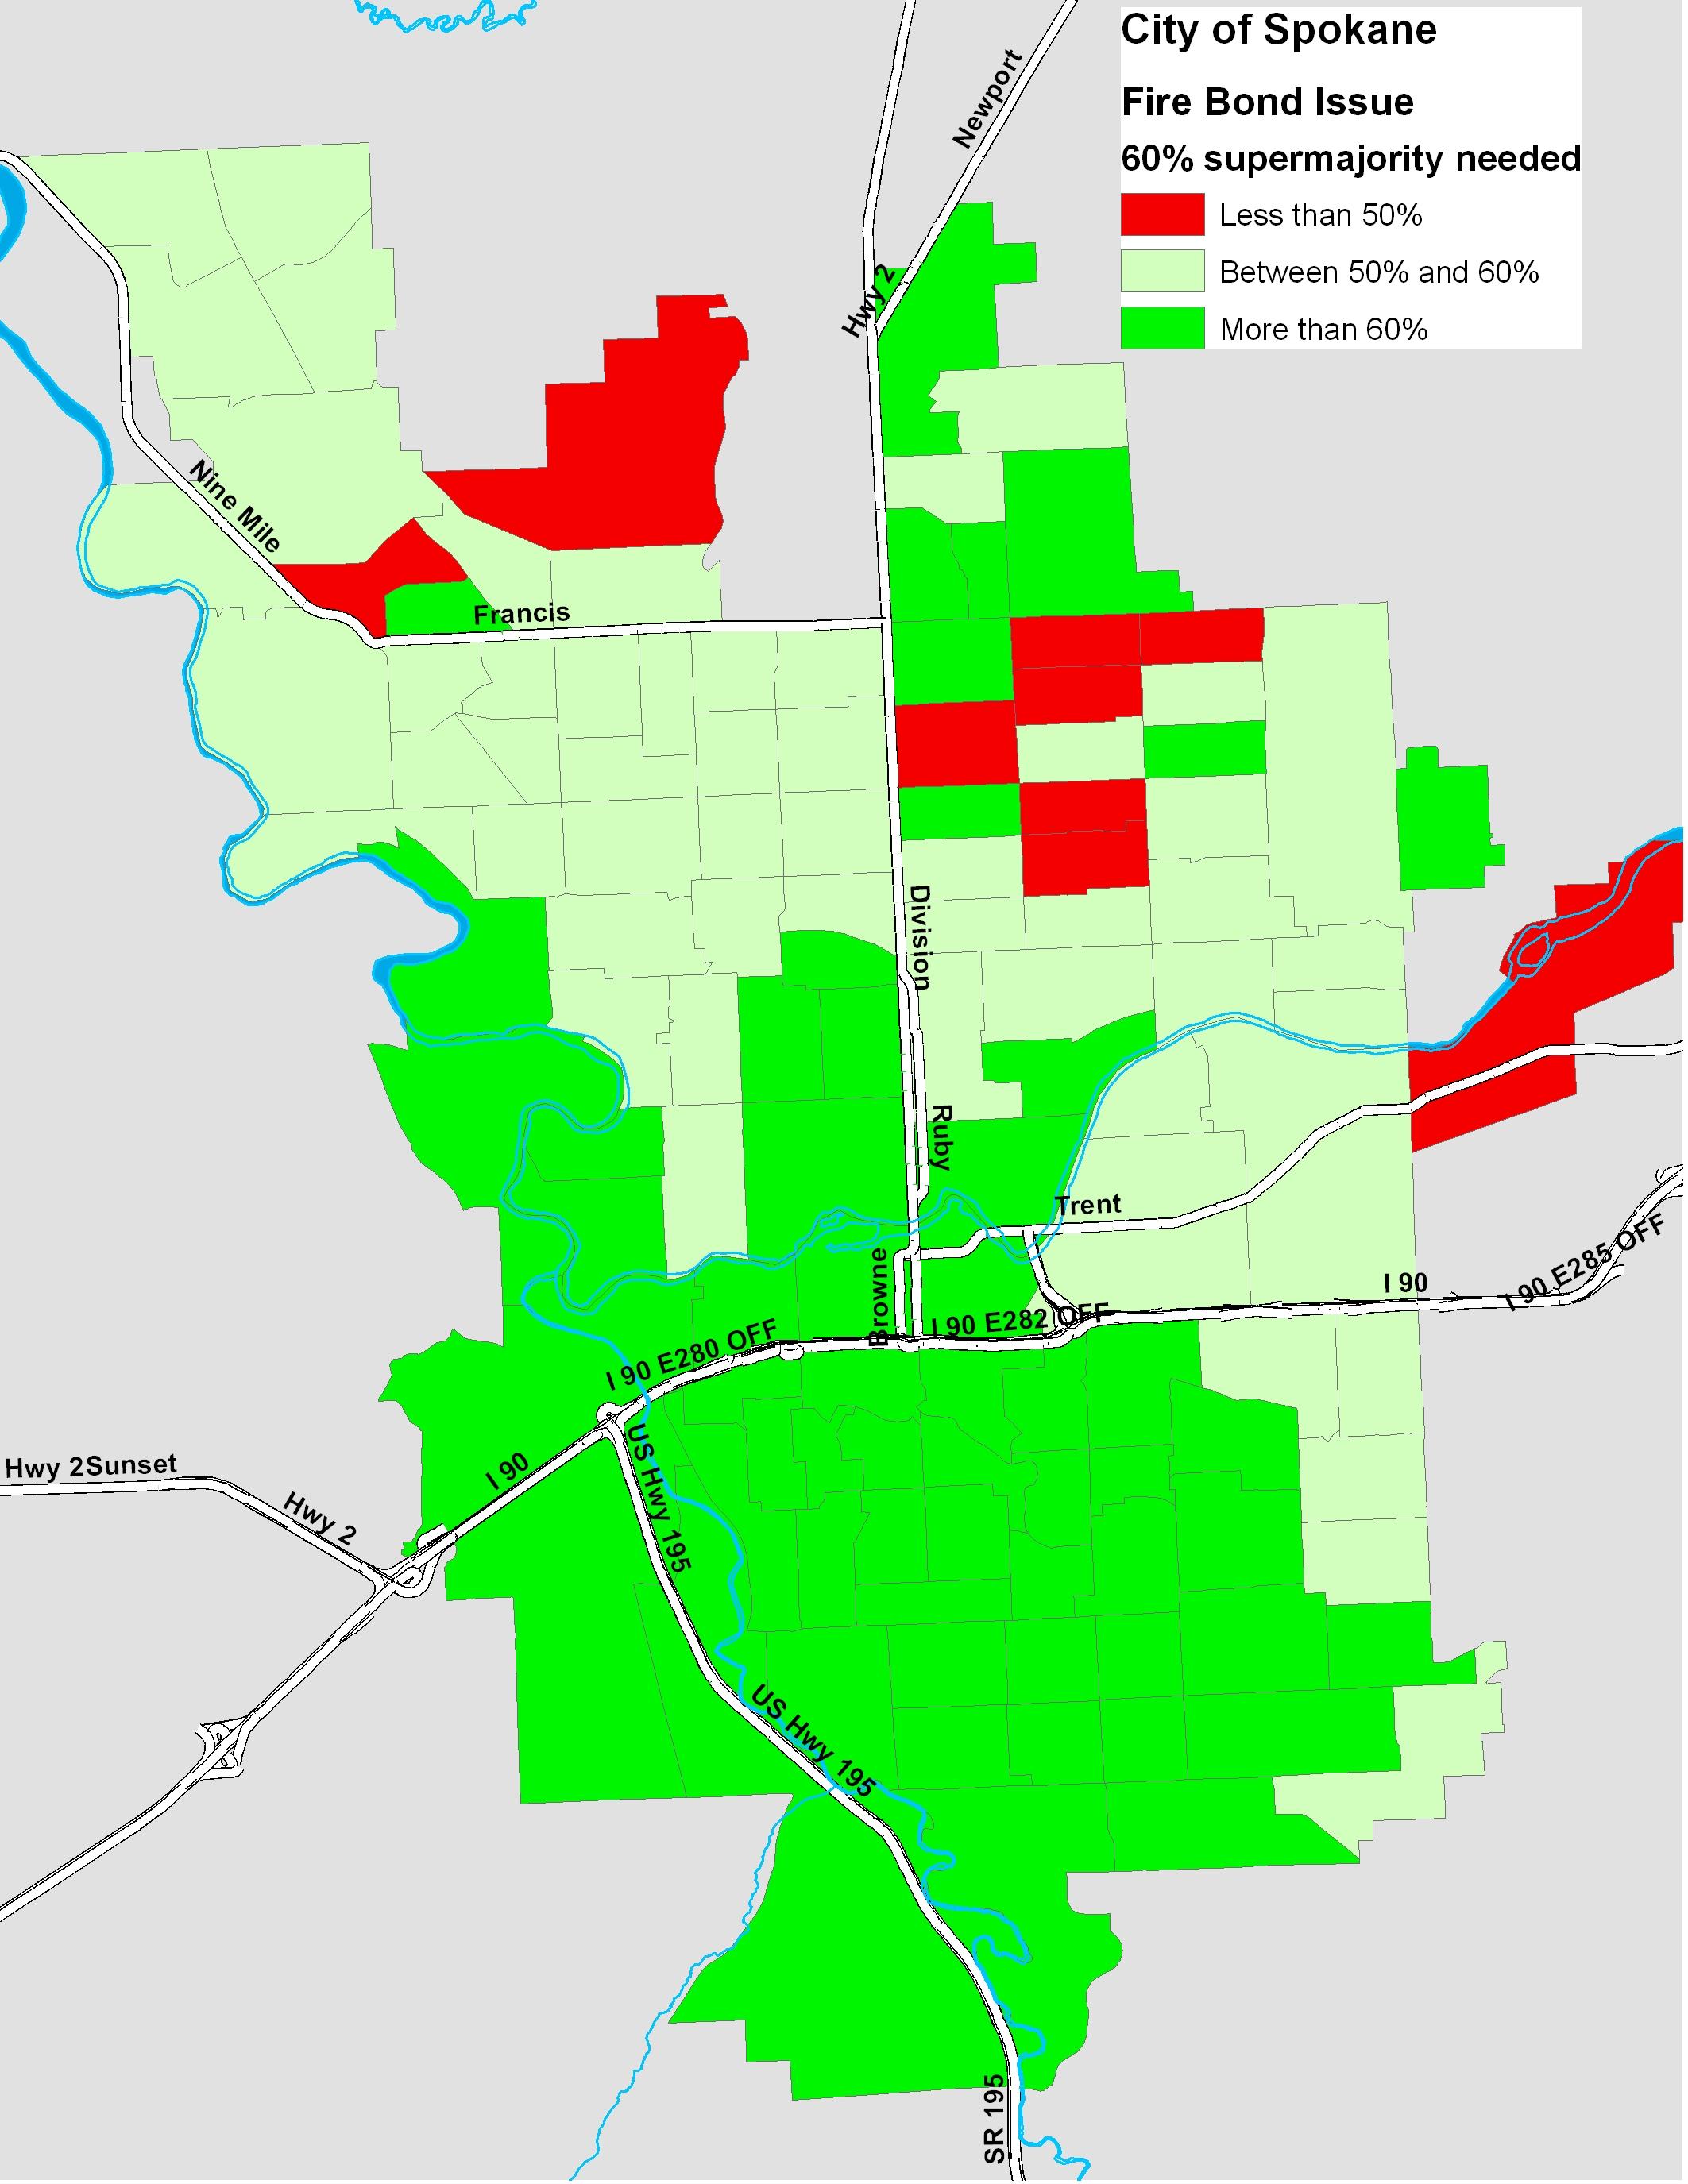 A New Map For Spokane Fire Bond The Spokesman Review